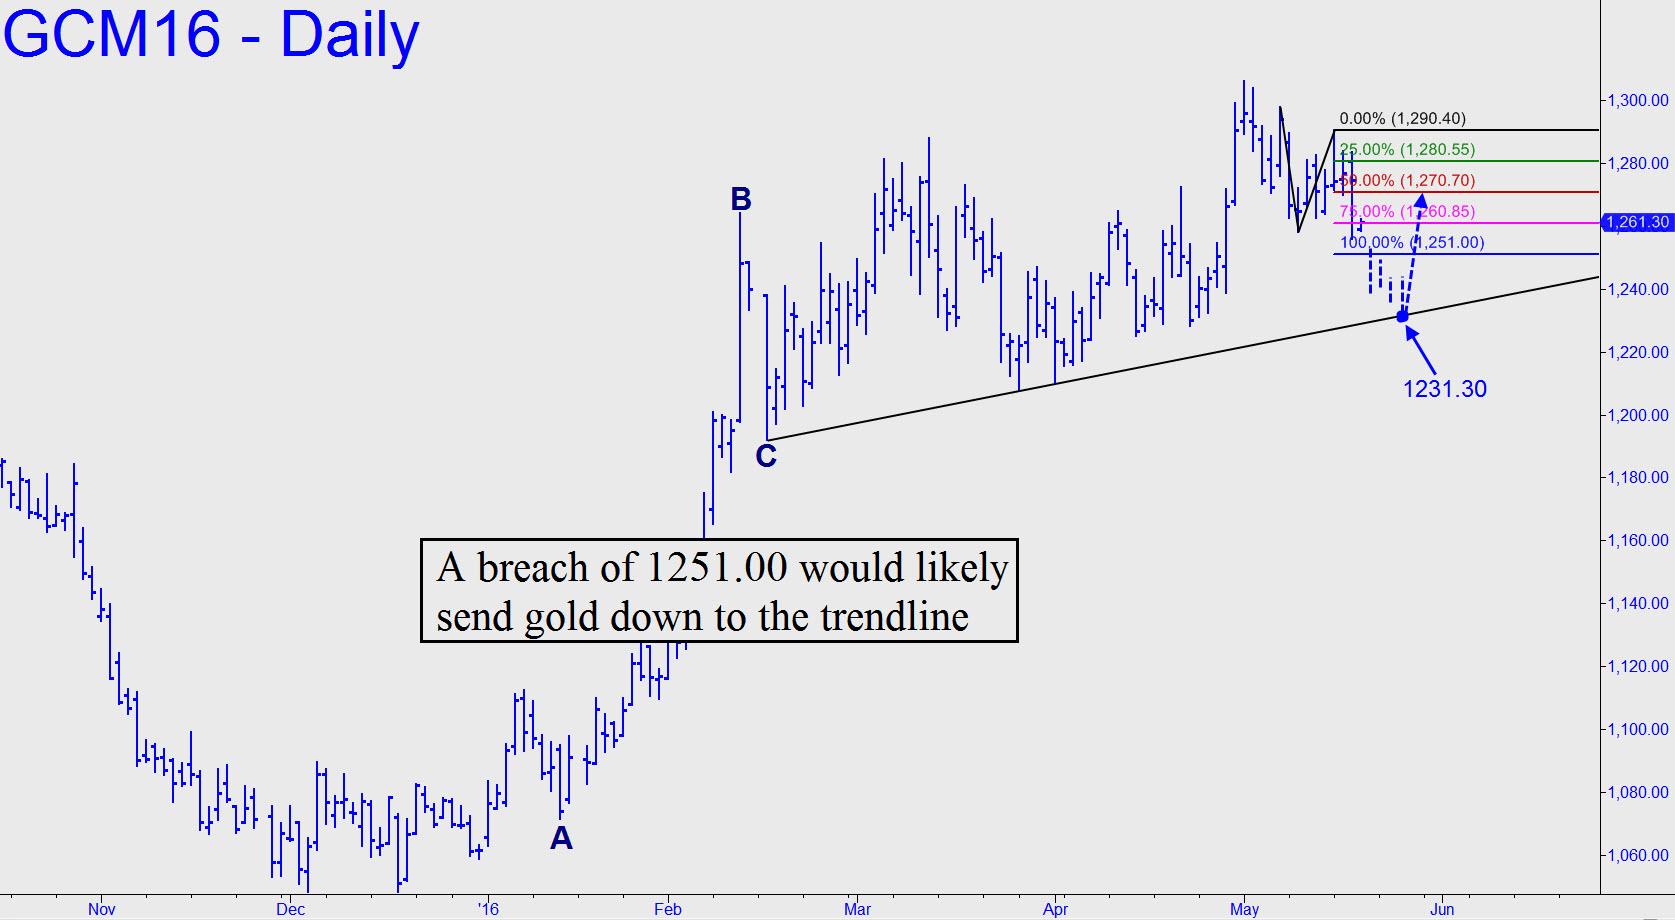 prix de l'or, de l'argent et des minières / suivi 2015 et ultérieurement - Page 6 June-gold-breach-of-1251-would